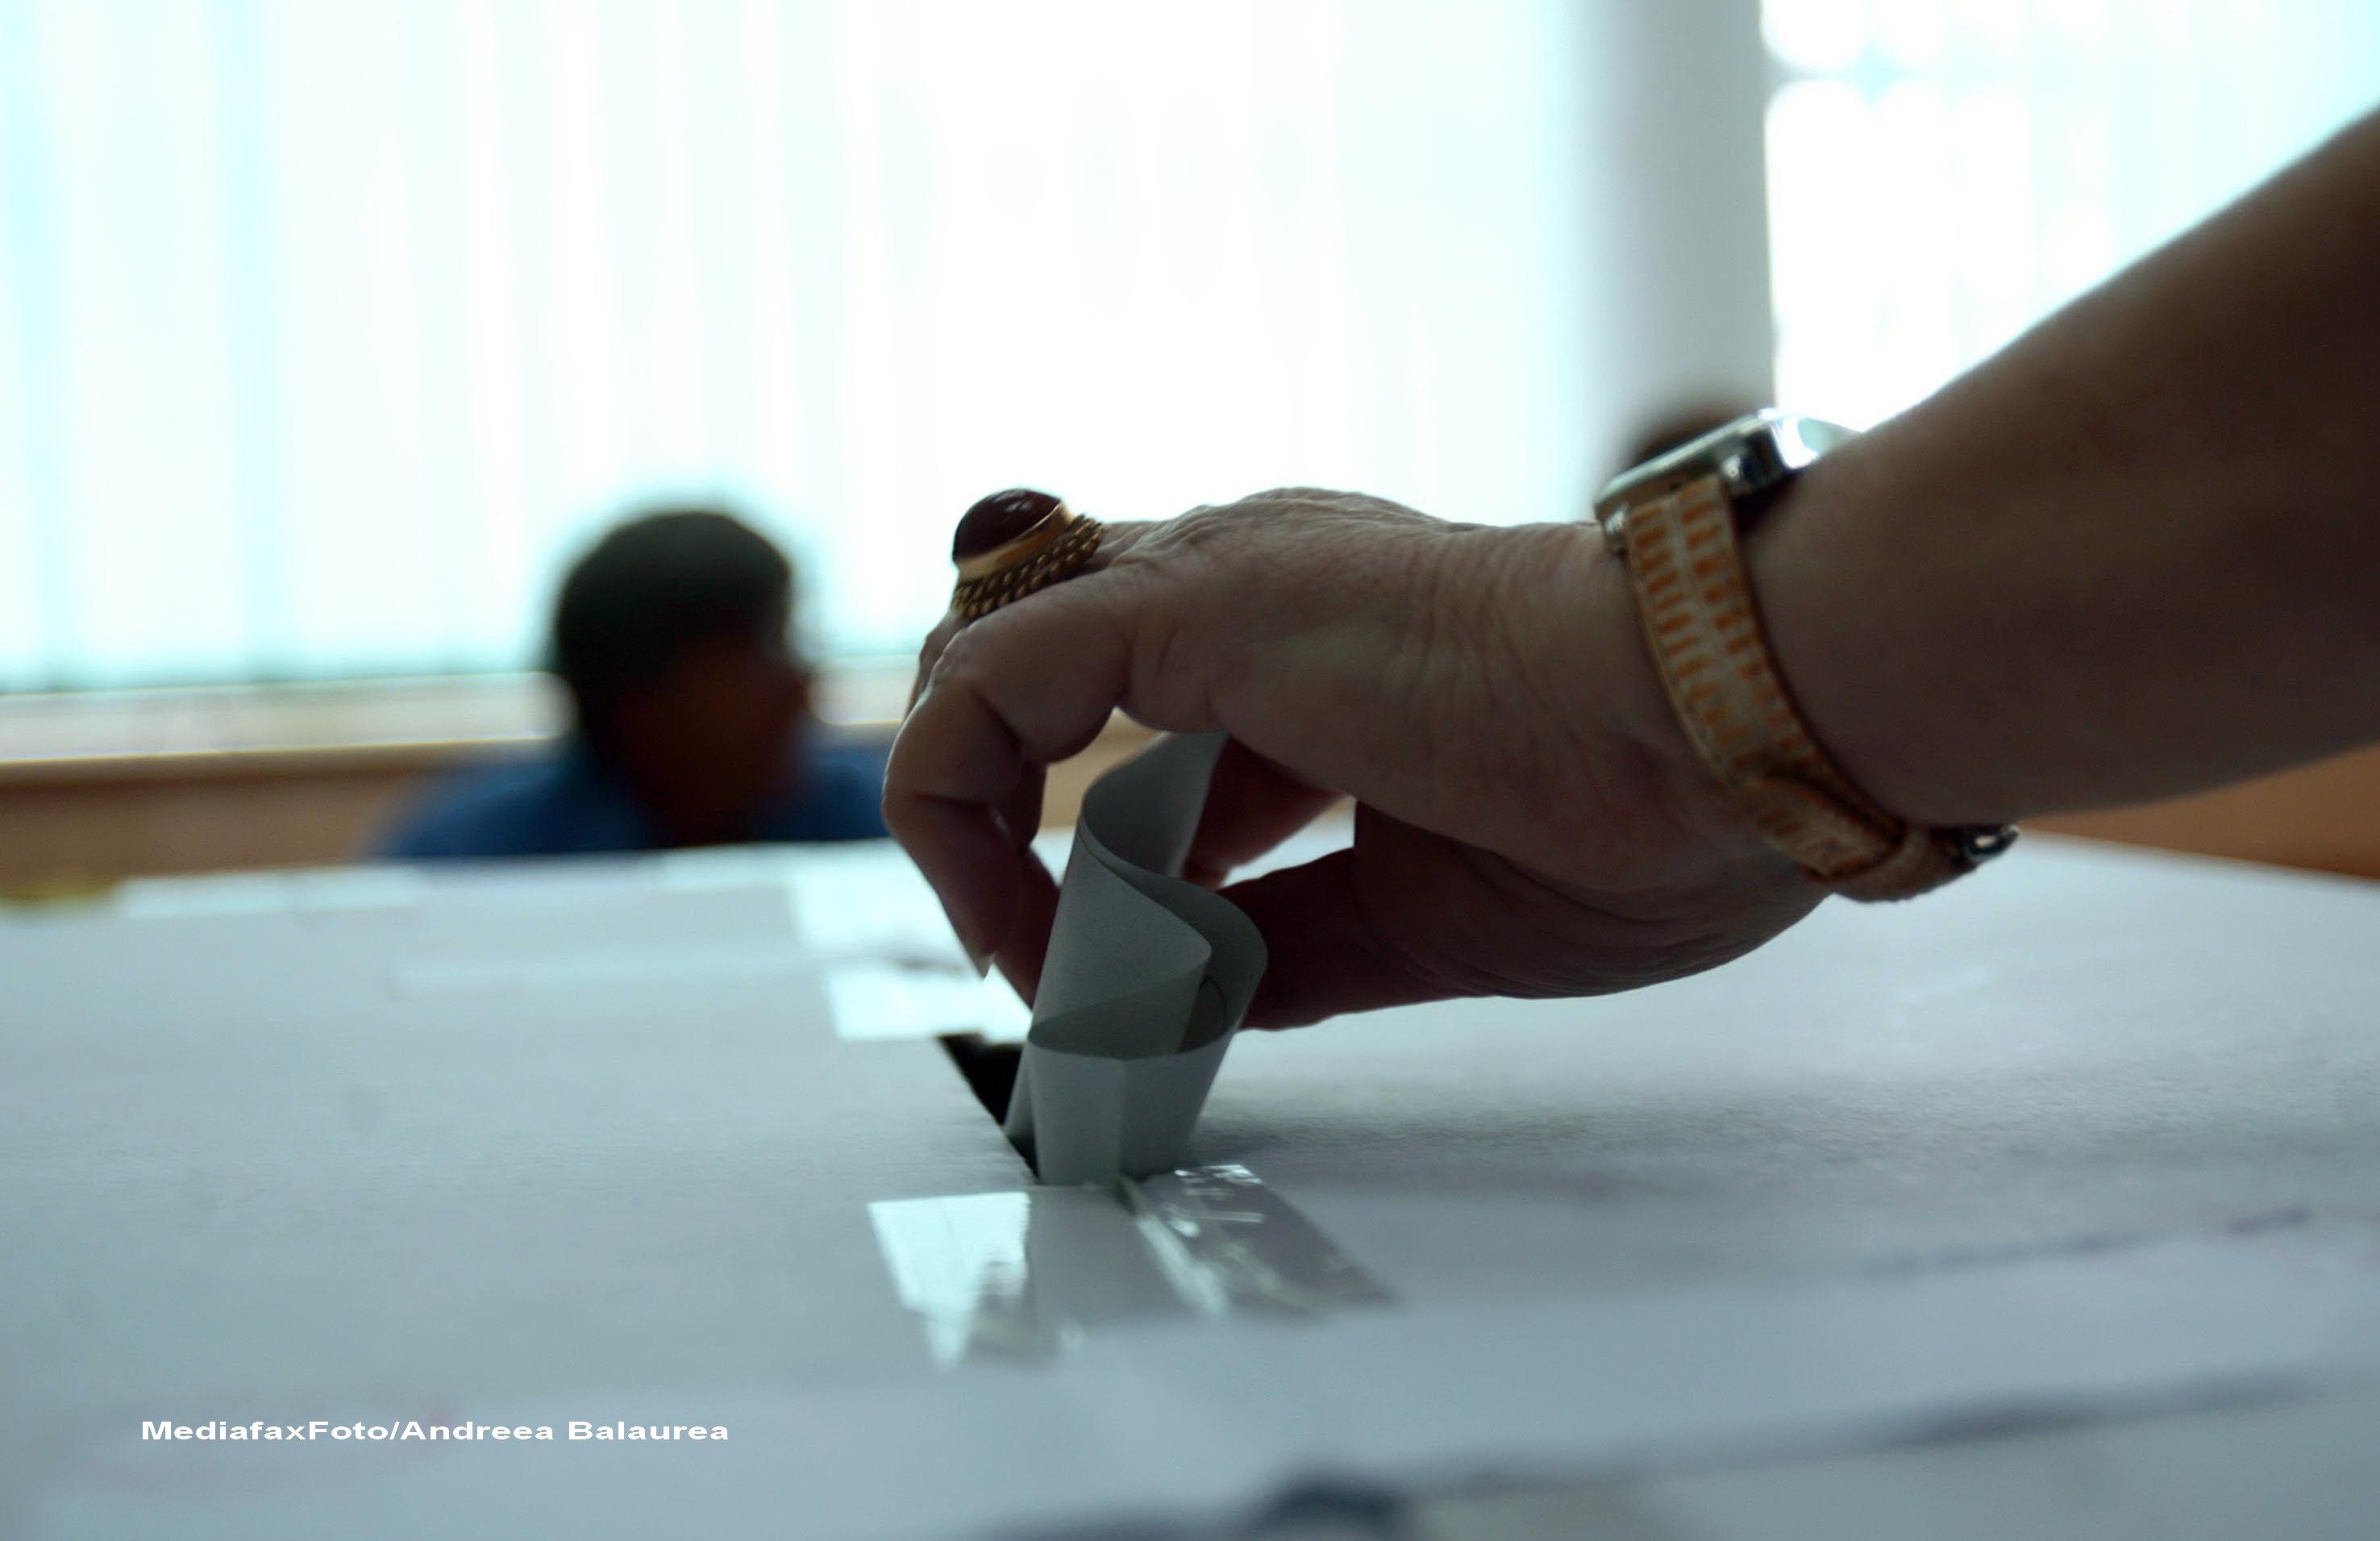 Revizuirea Constitutiei, propunere PNL: Drept de vot la 16 ani